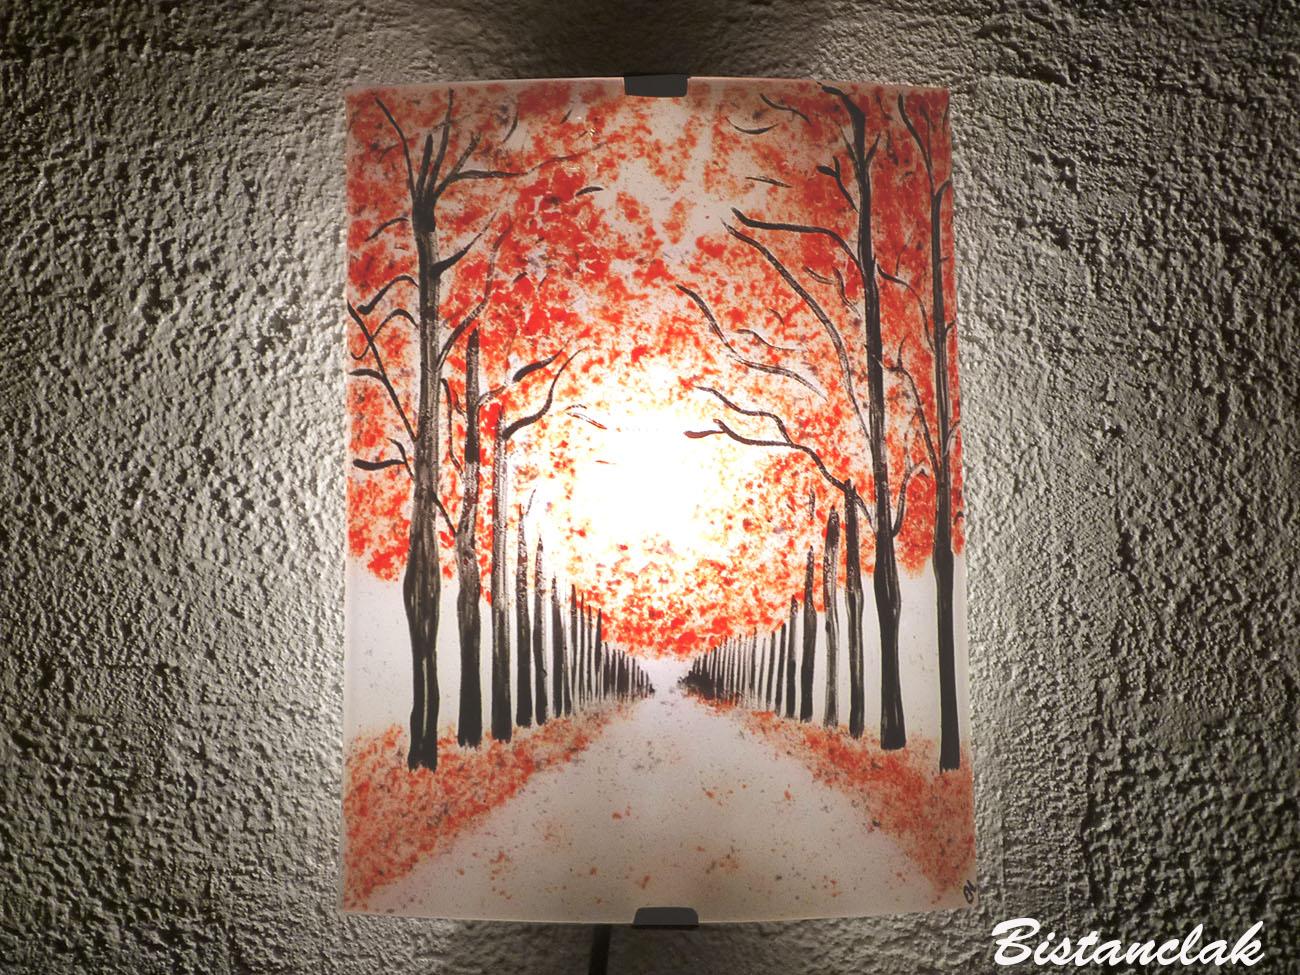 Applique d ambiance en verre au motif d un chemin borde d arbres rouges vendue en ligne sur notre site creation artisanale francaise